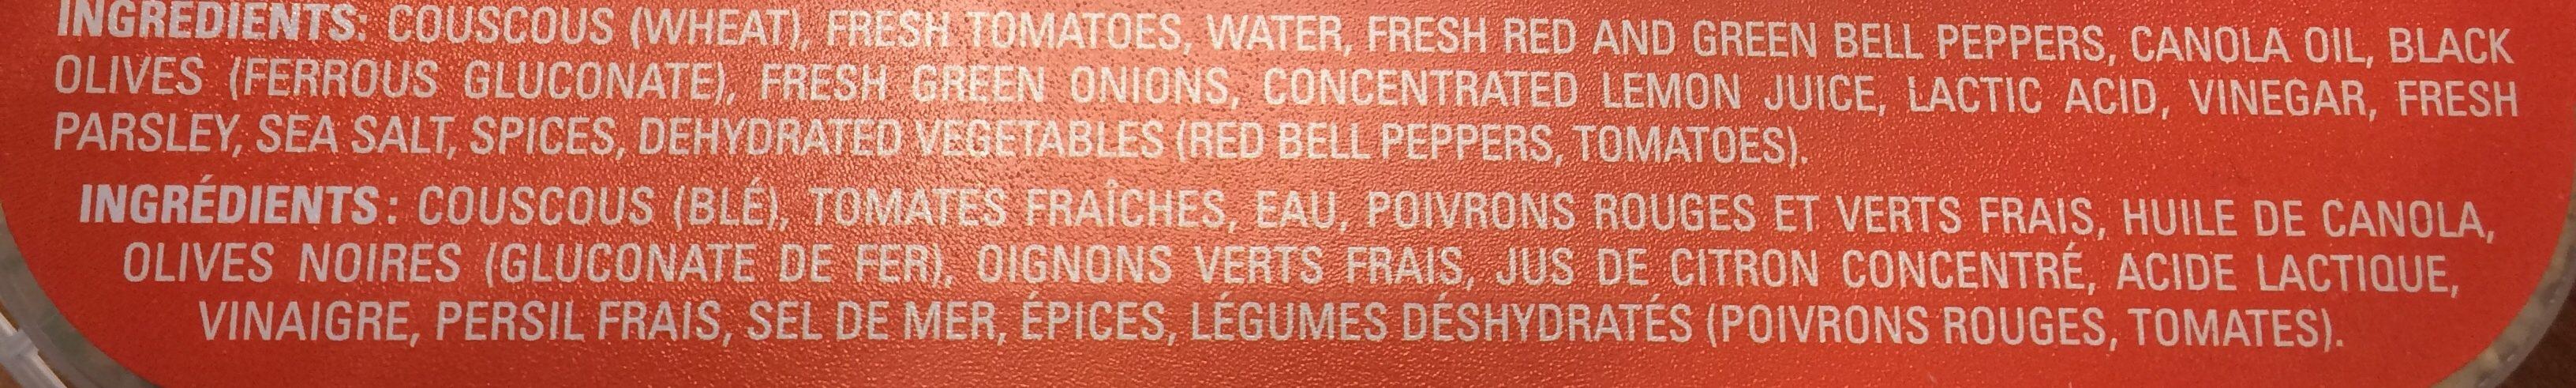 Salade Couscous - Ingrédients - fr